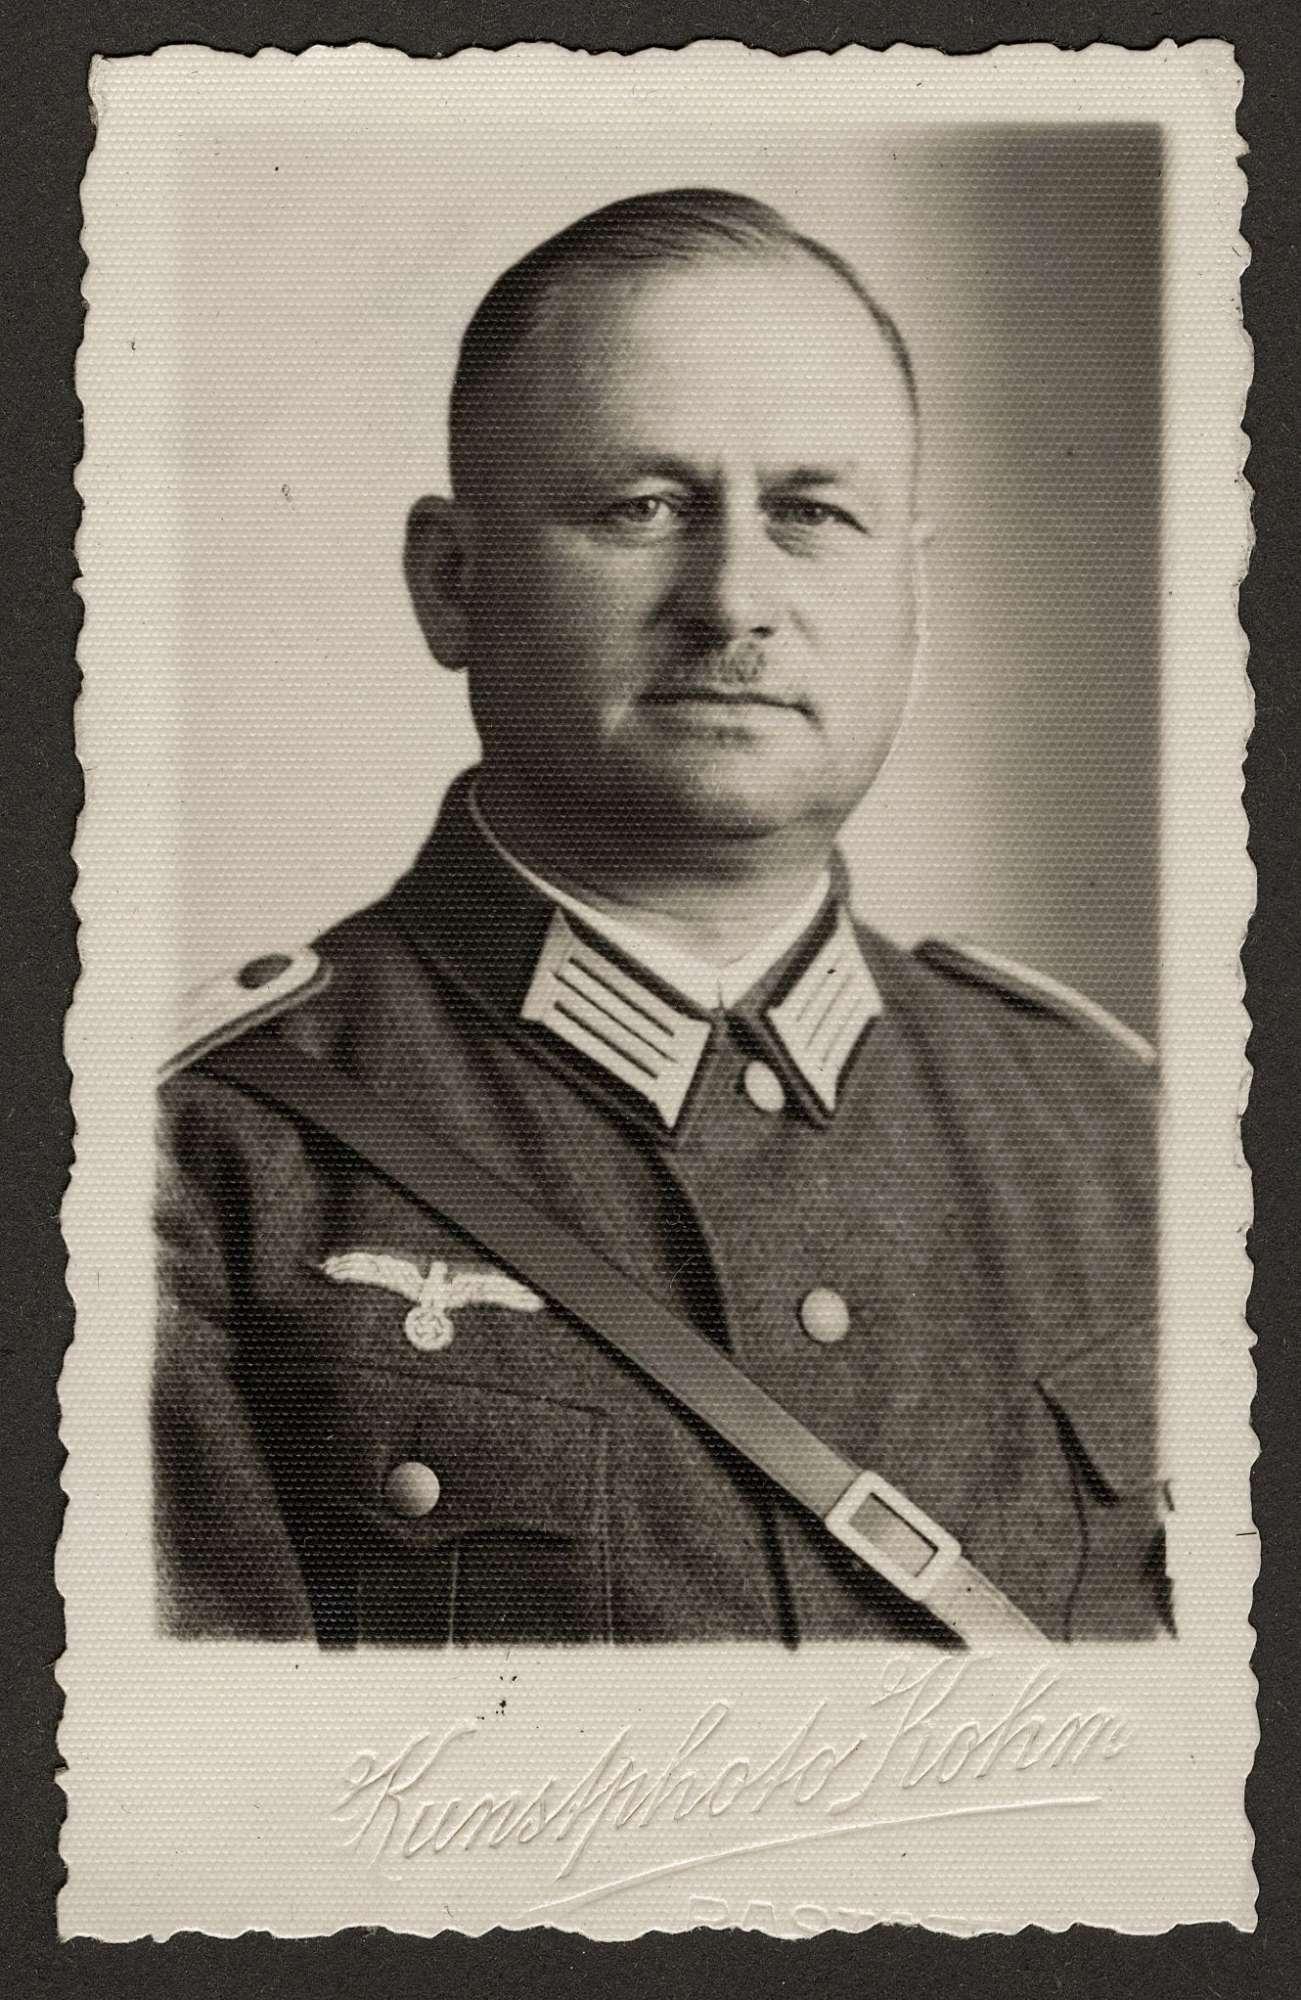 Elsässer, Otto, Bild 1